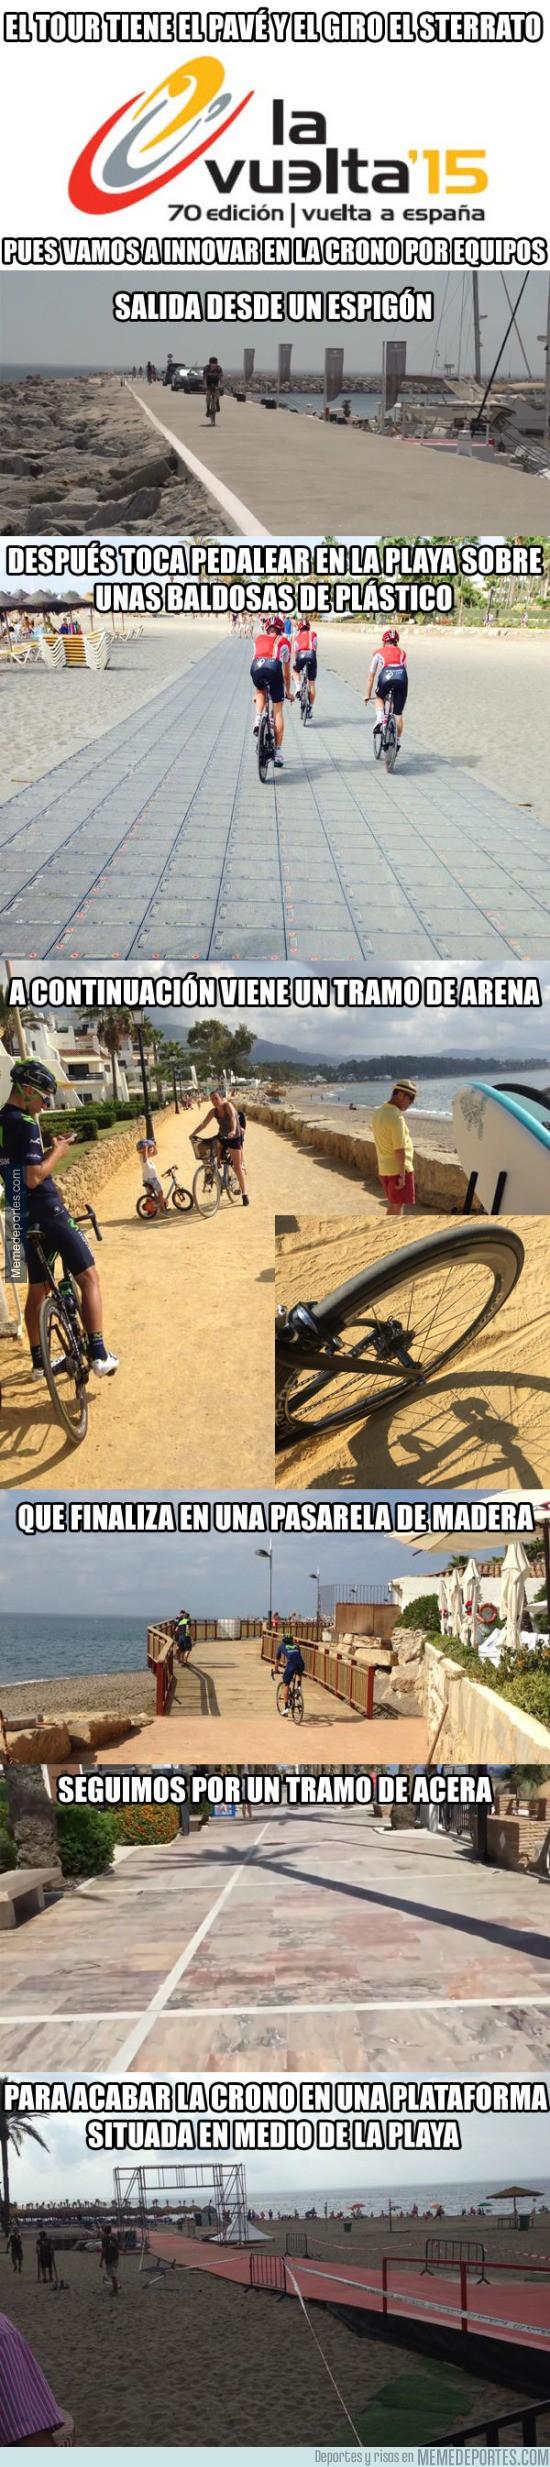 663727 - La Gymkana ciclista a España